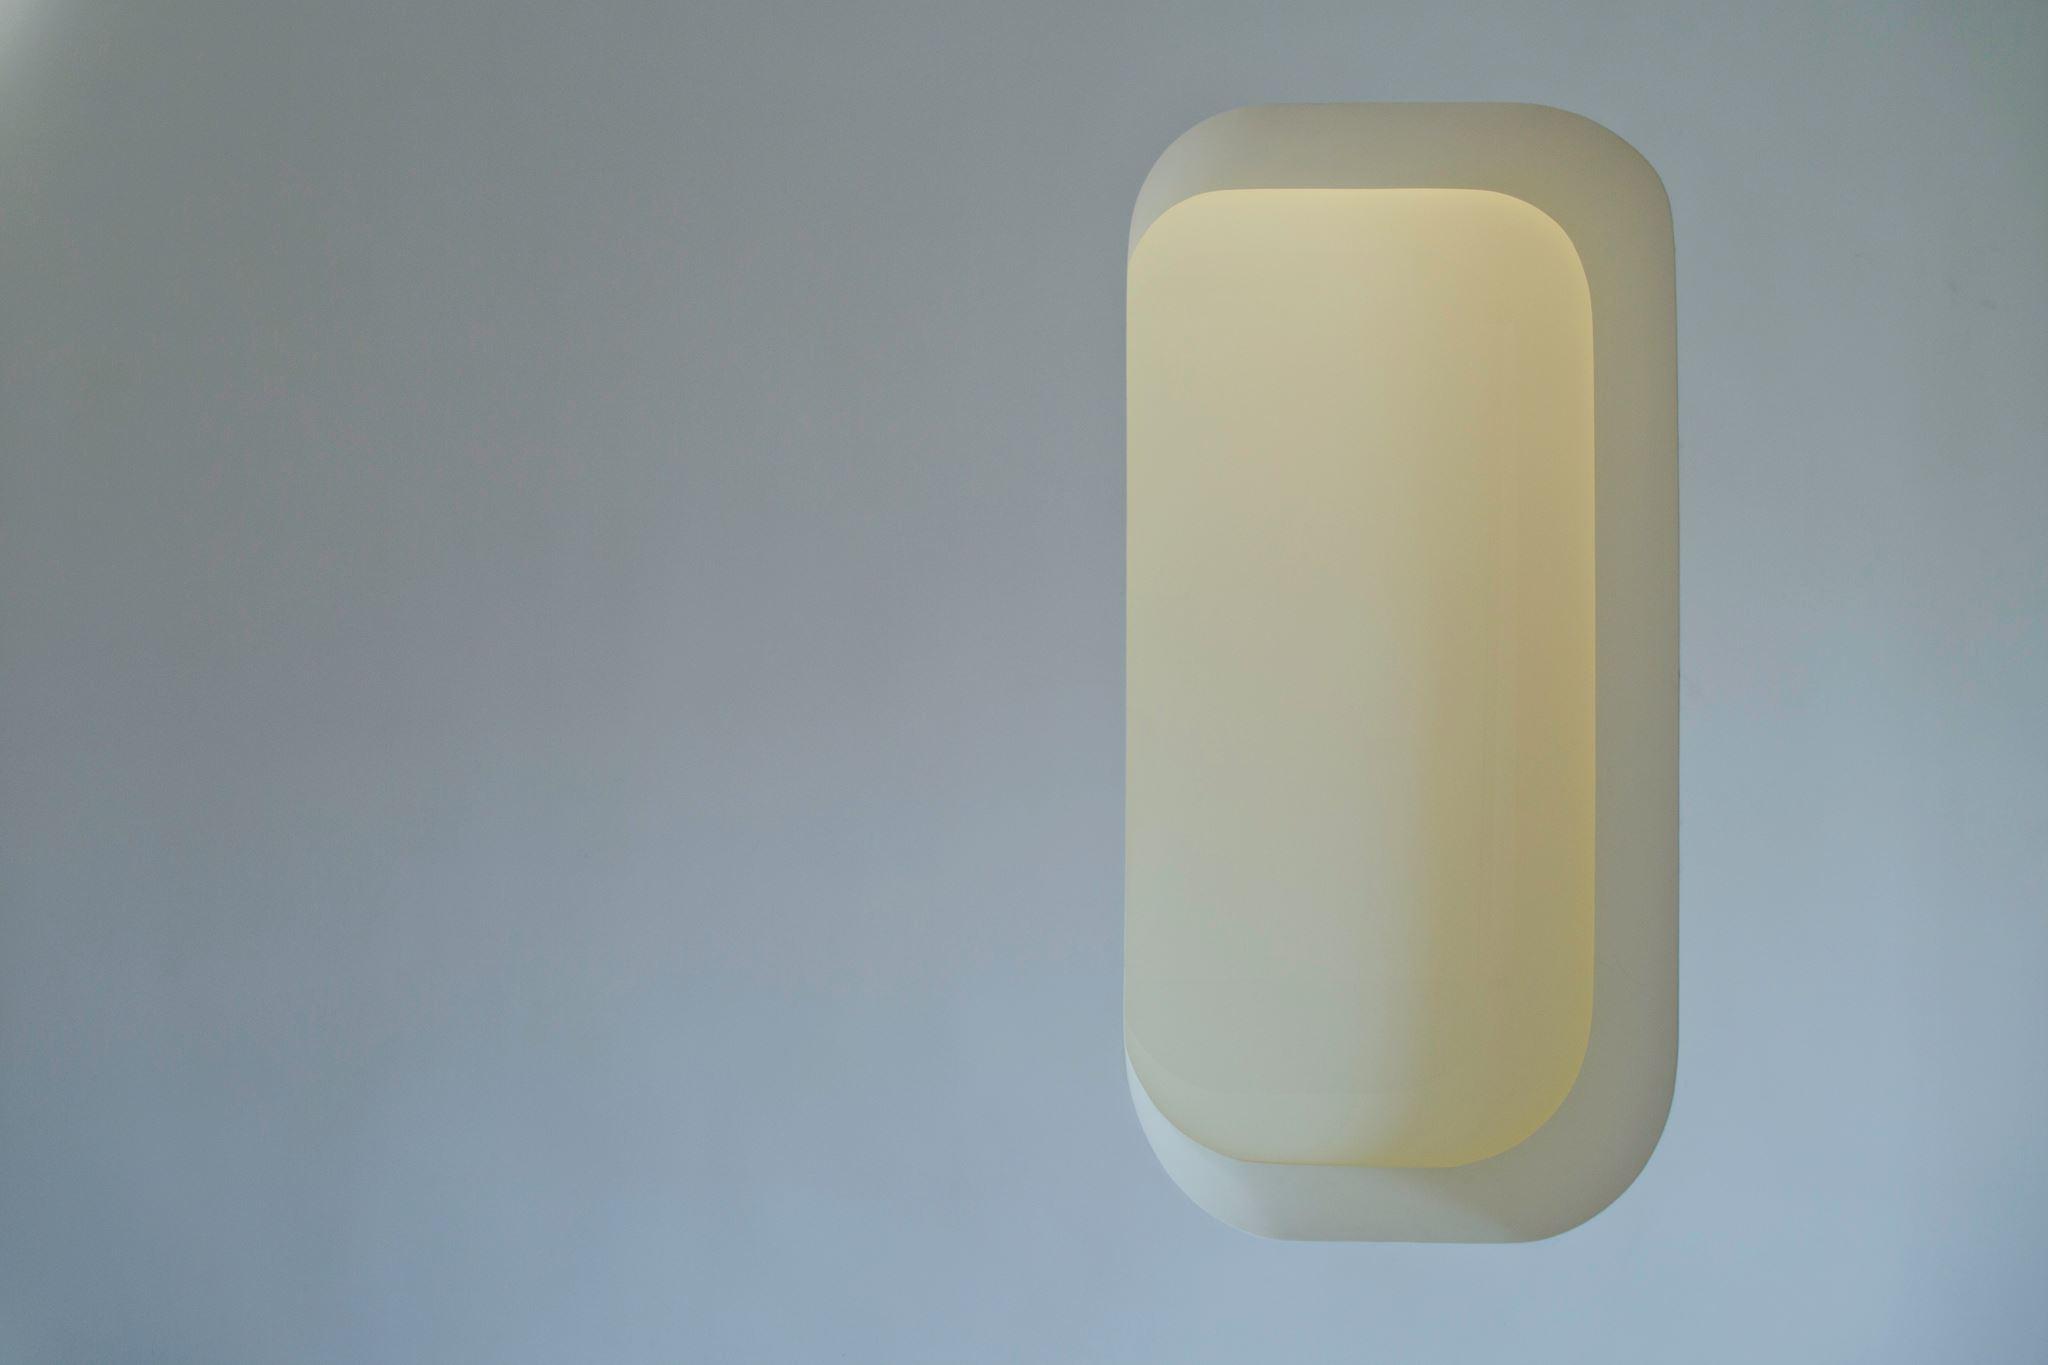 彈性需要有玻璃拉門可關,白膜玻璃透光之後顏色很迷人